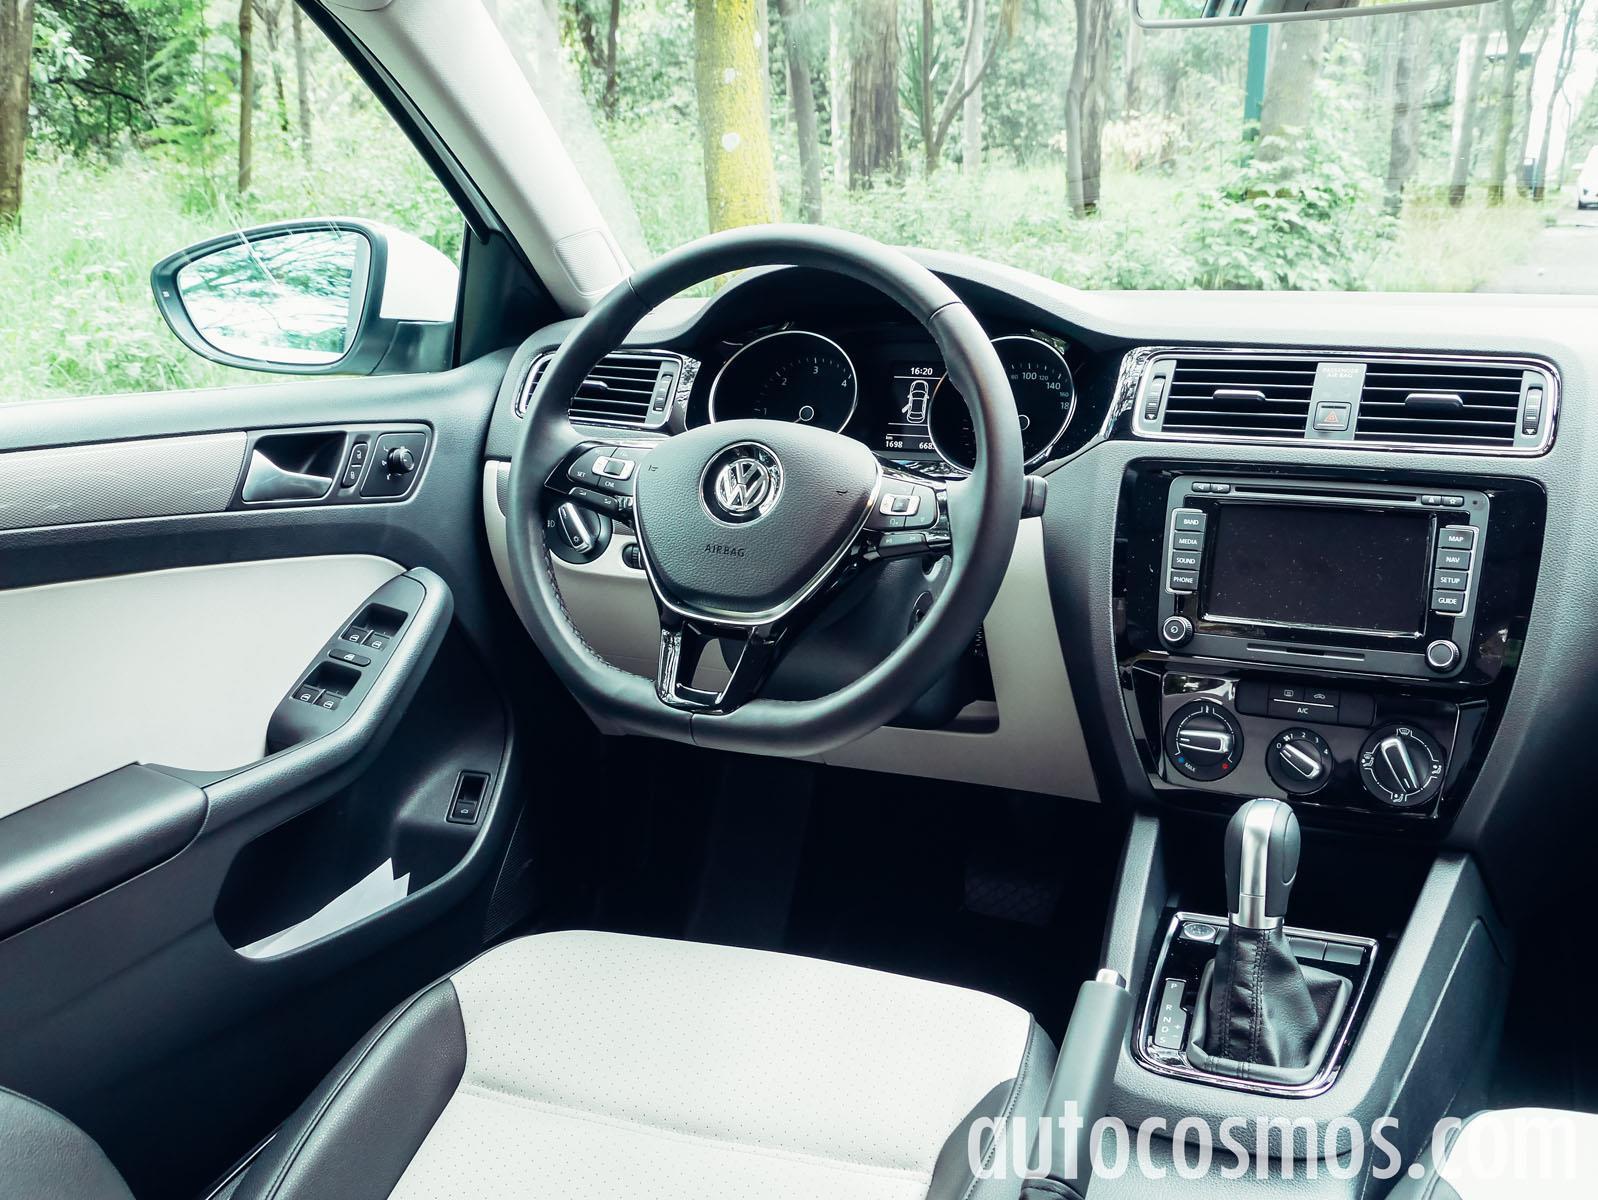 Volkswagen Nuevo Jetta 2015 A Prueba Autocosmos Com